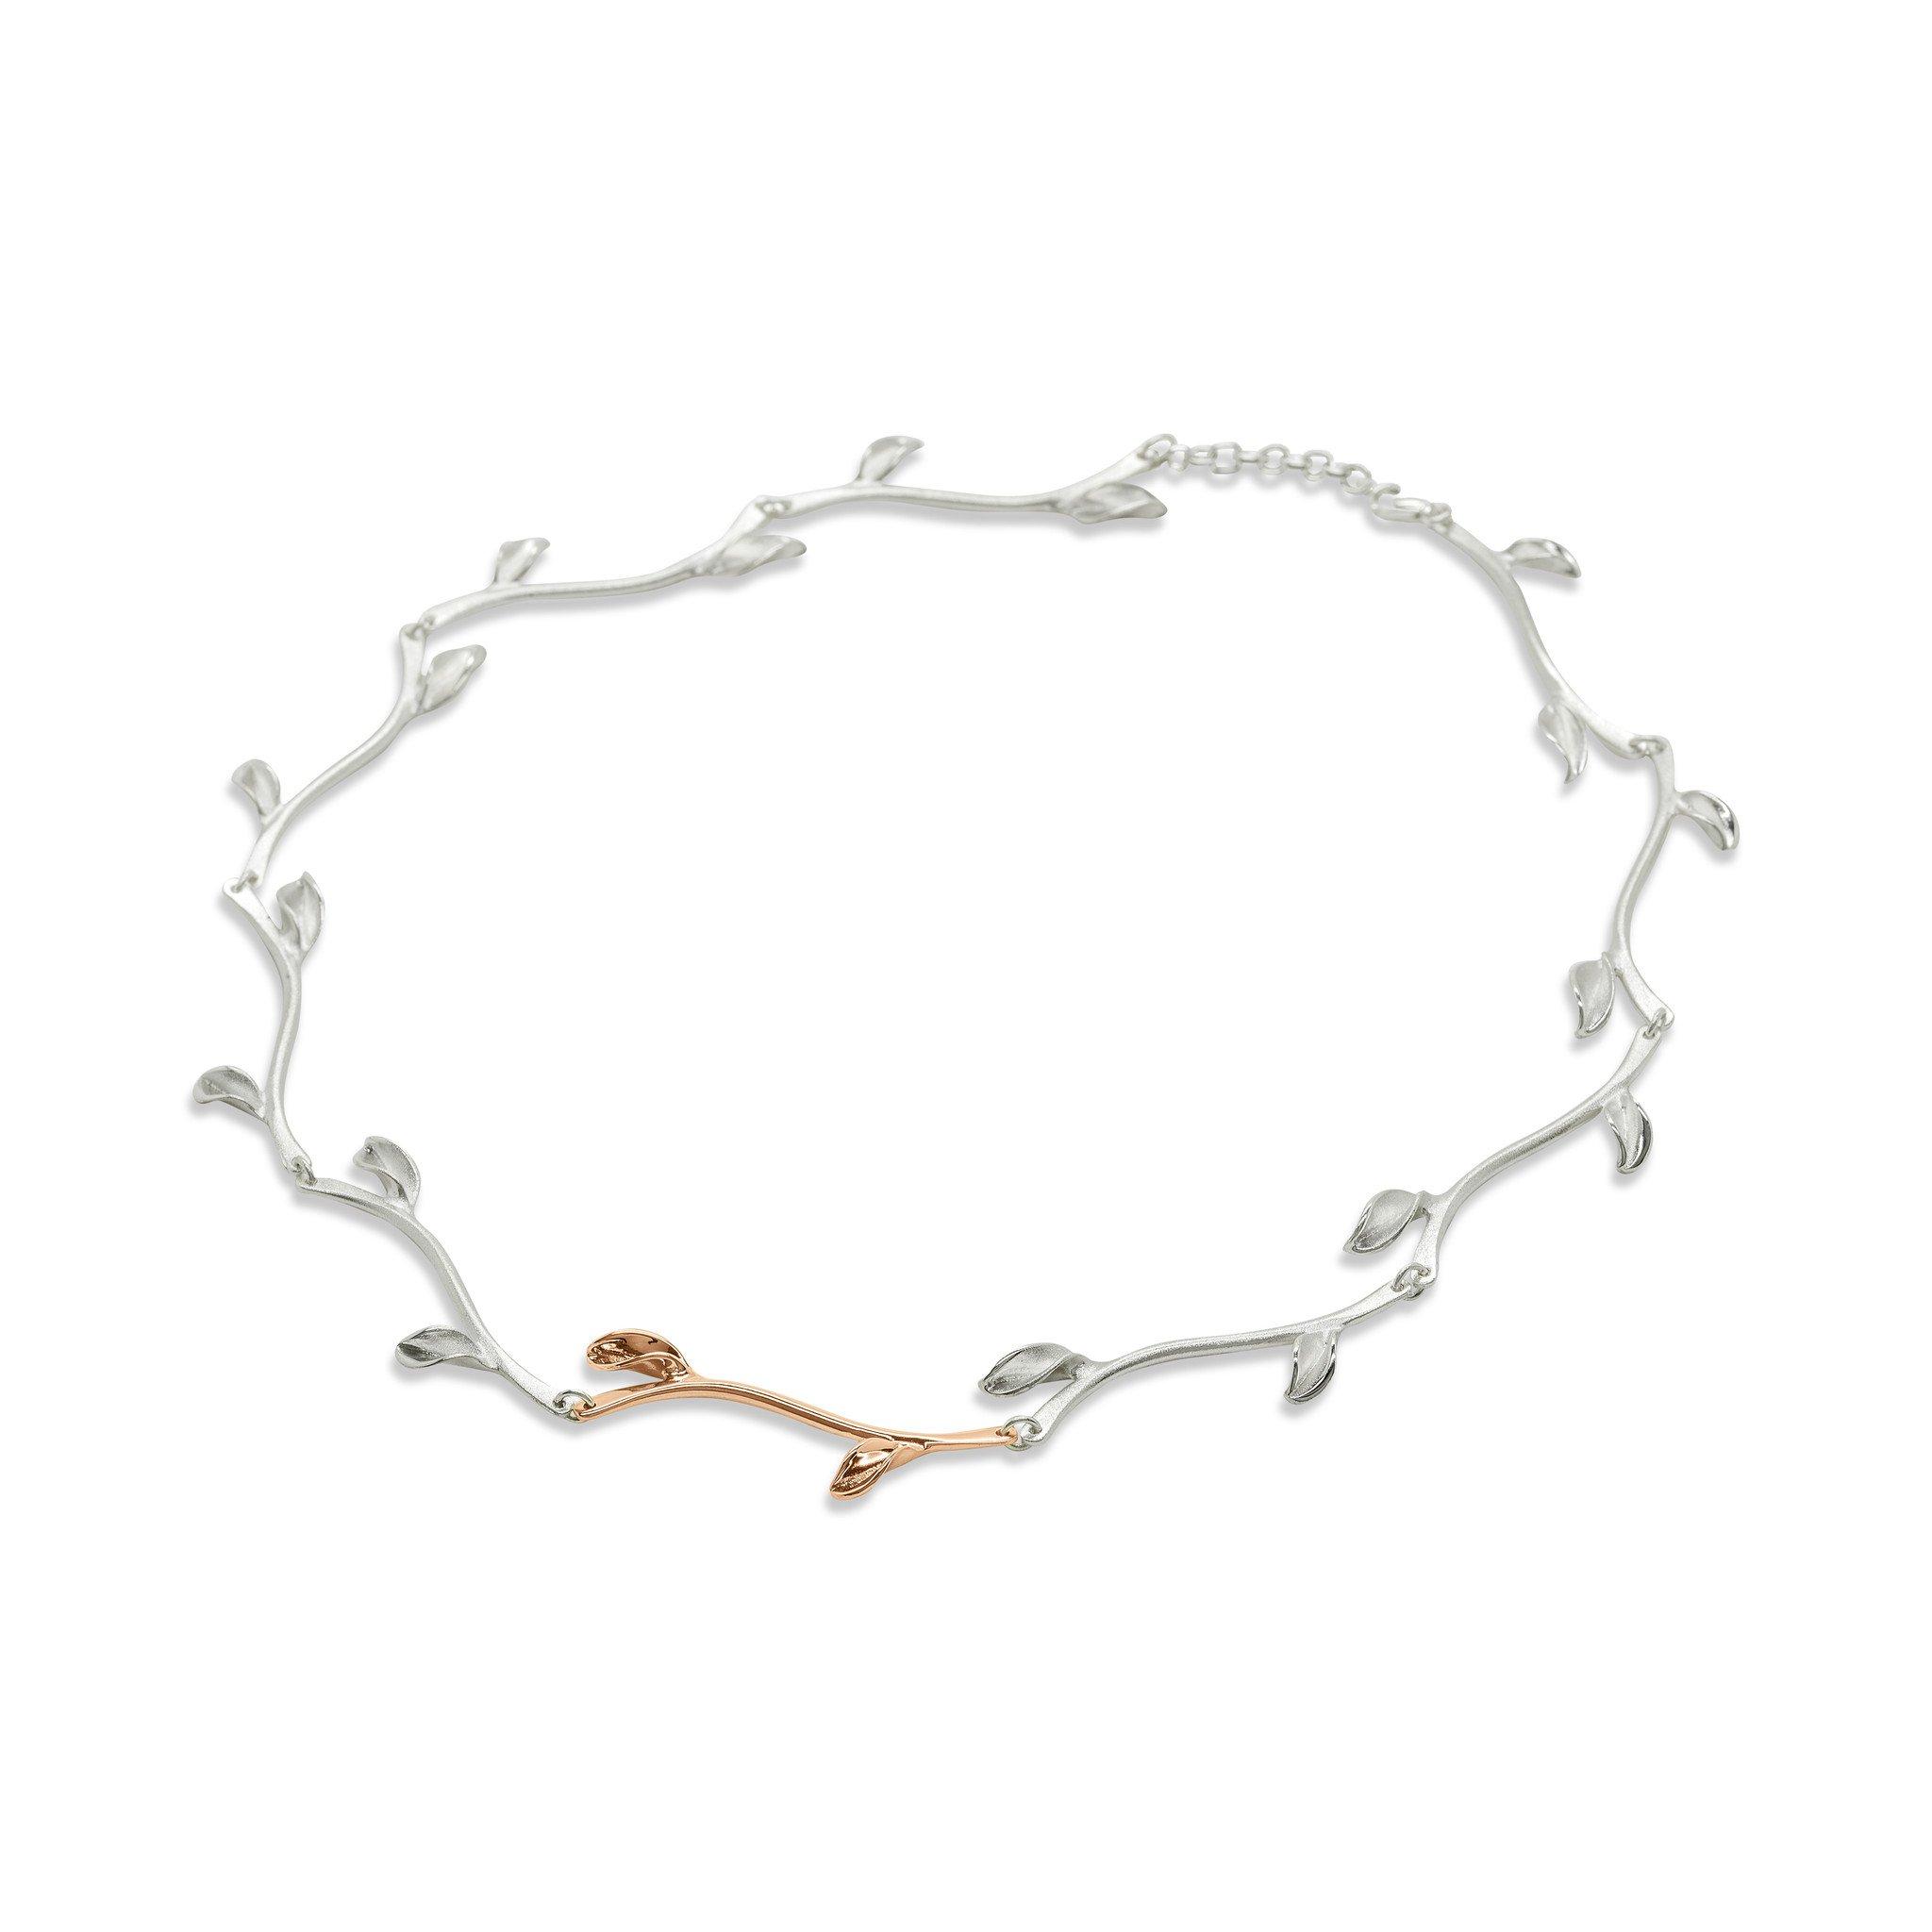 Mavilo Rose Gold Leaf Stem Necklace